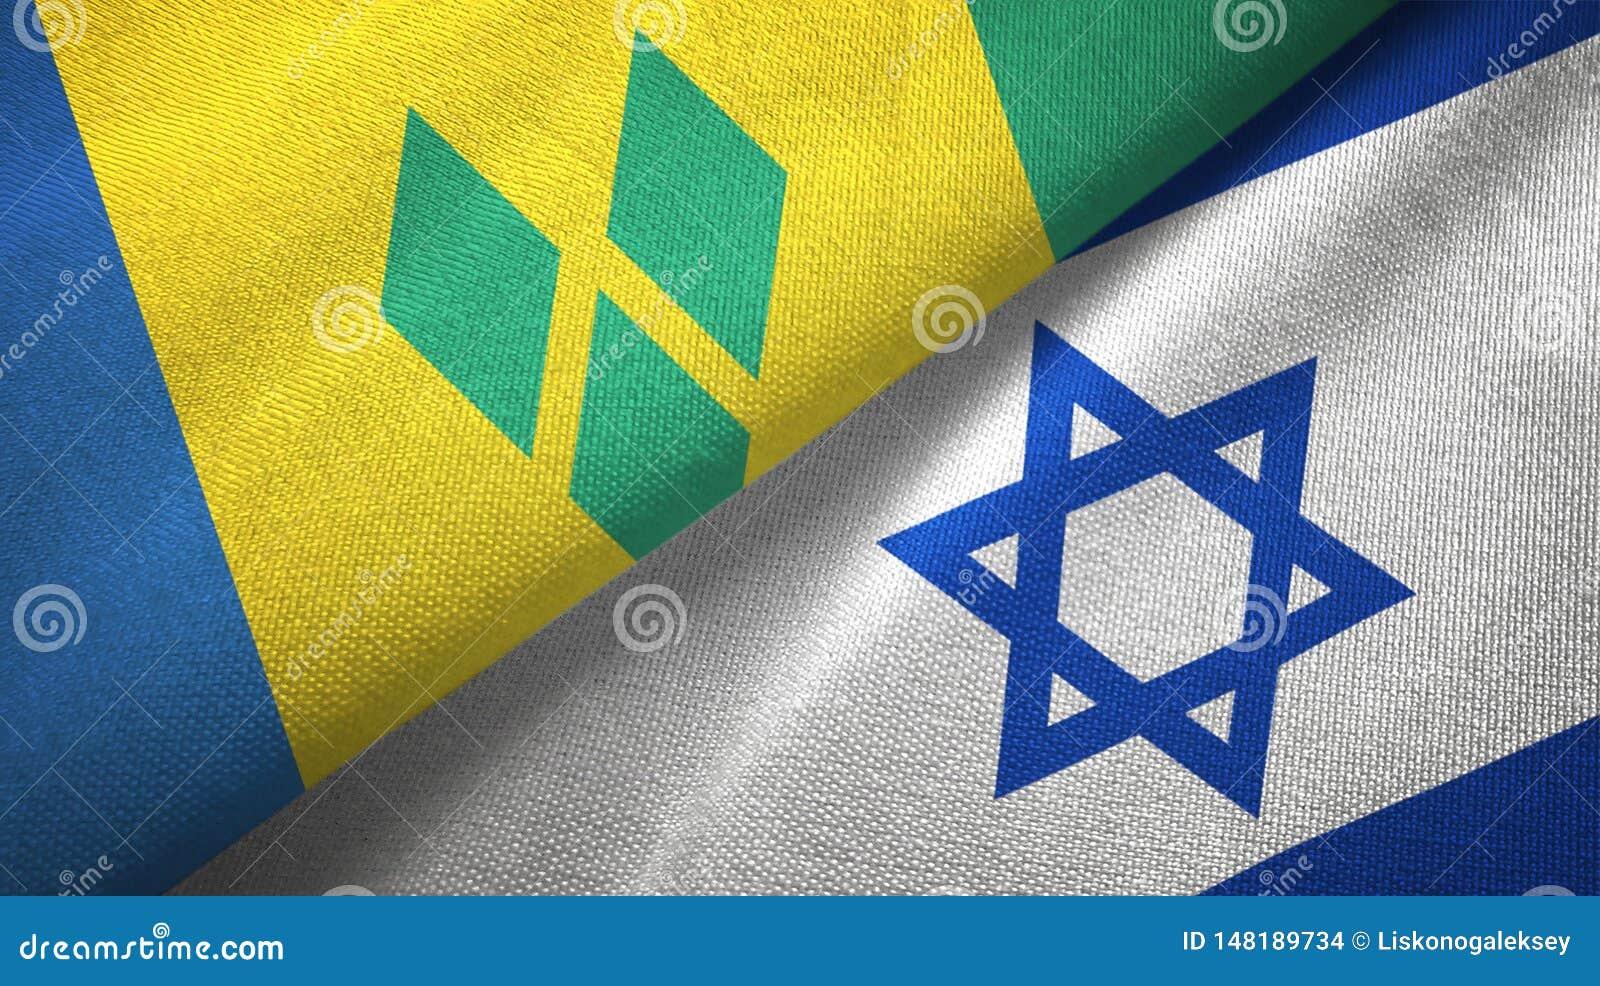 Άγιος Βικέντιος και Γρεναδίνες και Ισραήλ δύο σημαίες